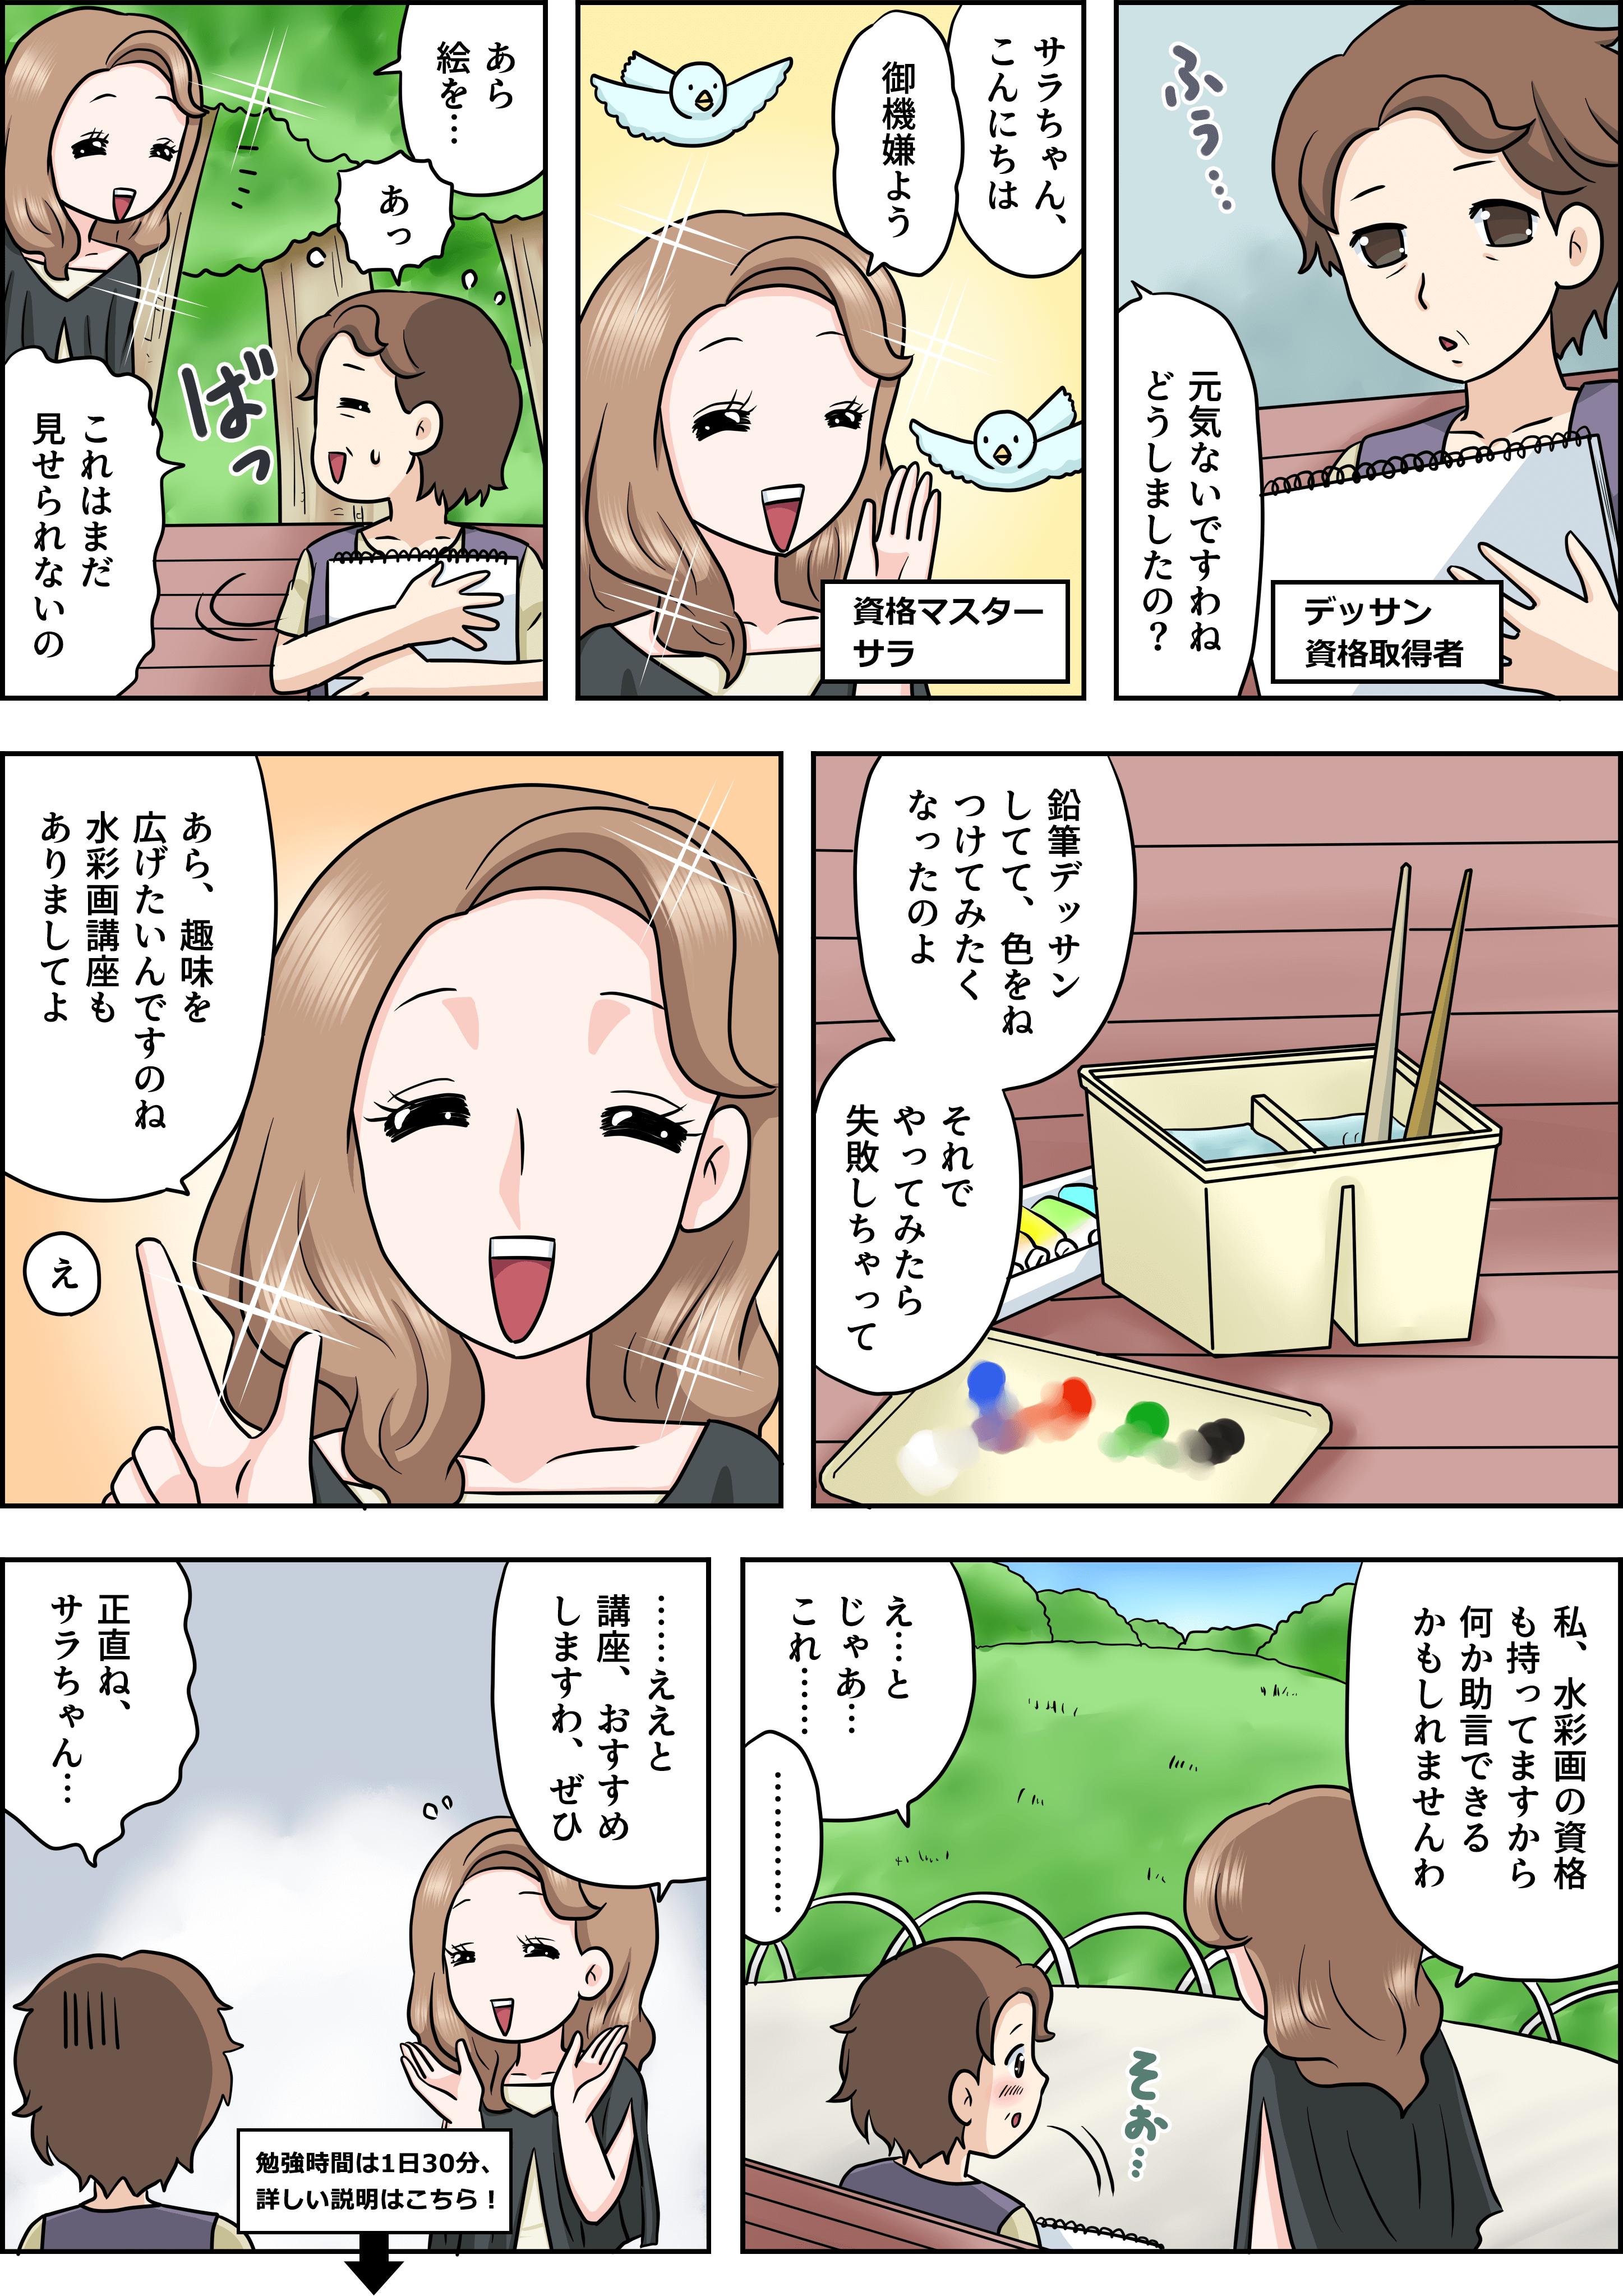 水彩画の漫画